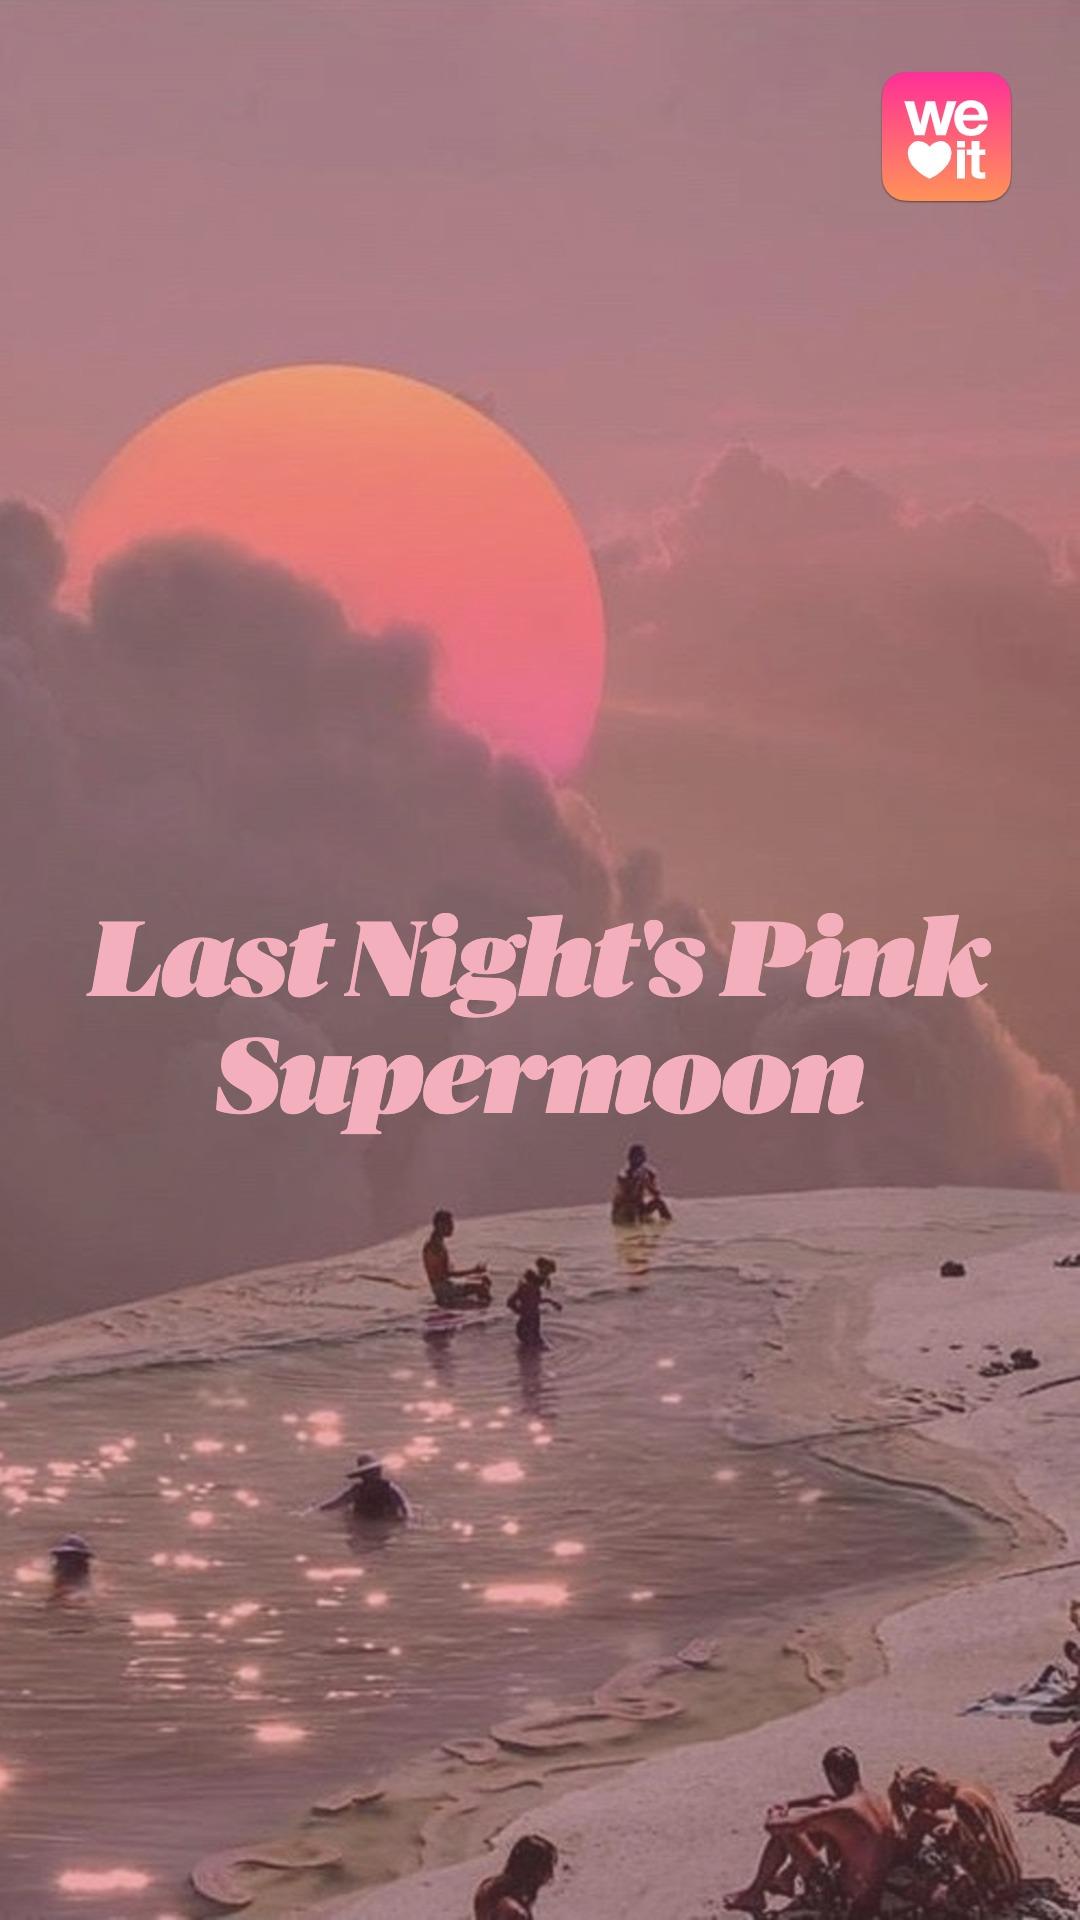 Last Night's Pink Supermoon